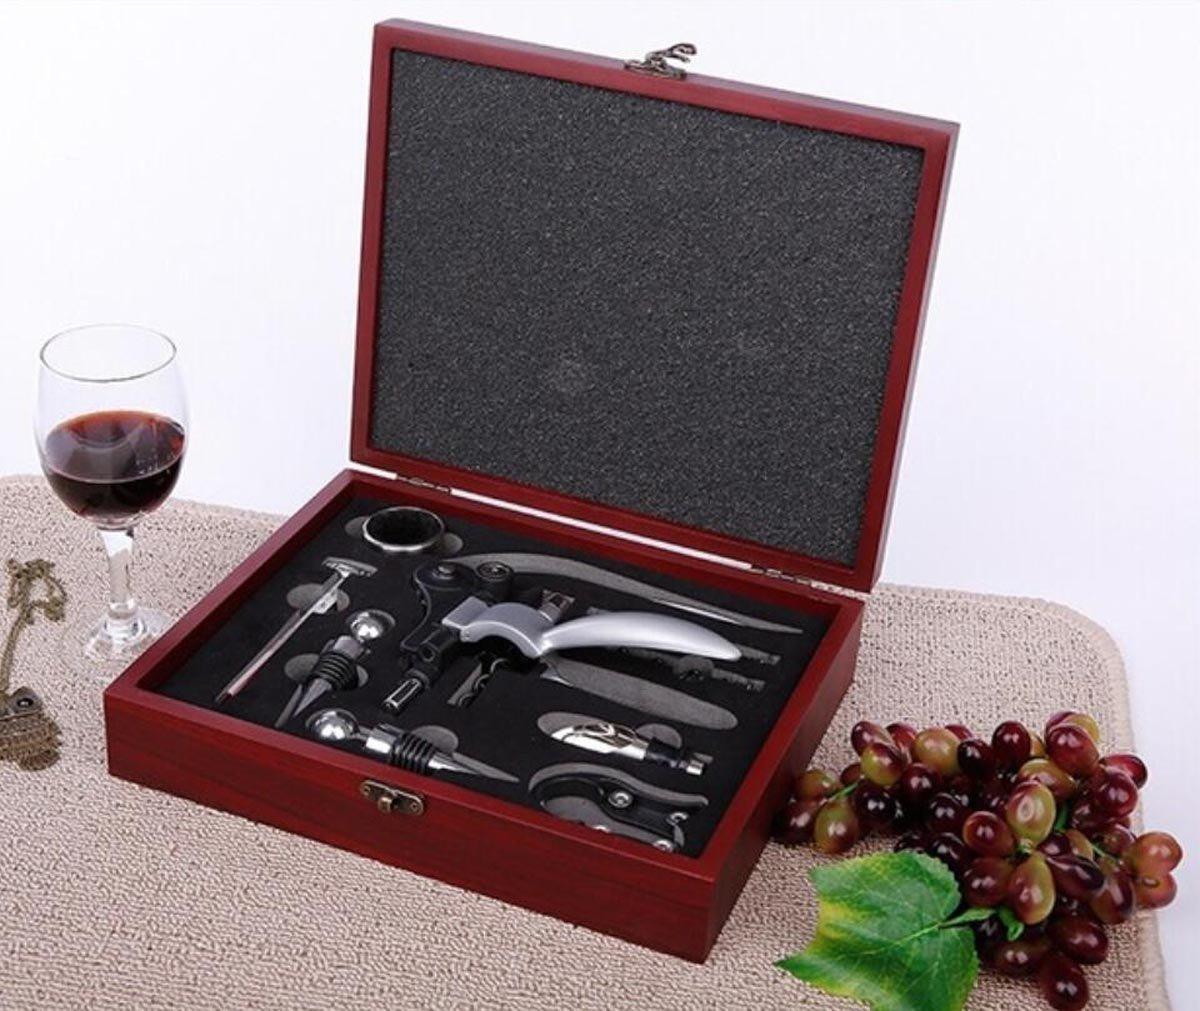 vertedor term/ómetro/ sacacorchos a Conejo /Caja Accesorios Vino de Elegantissima caja de madera/ Ducomi DOCG/ sacacorchos /regalo /unidades 10/piezas Color tambi/én incluye abrebotellas